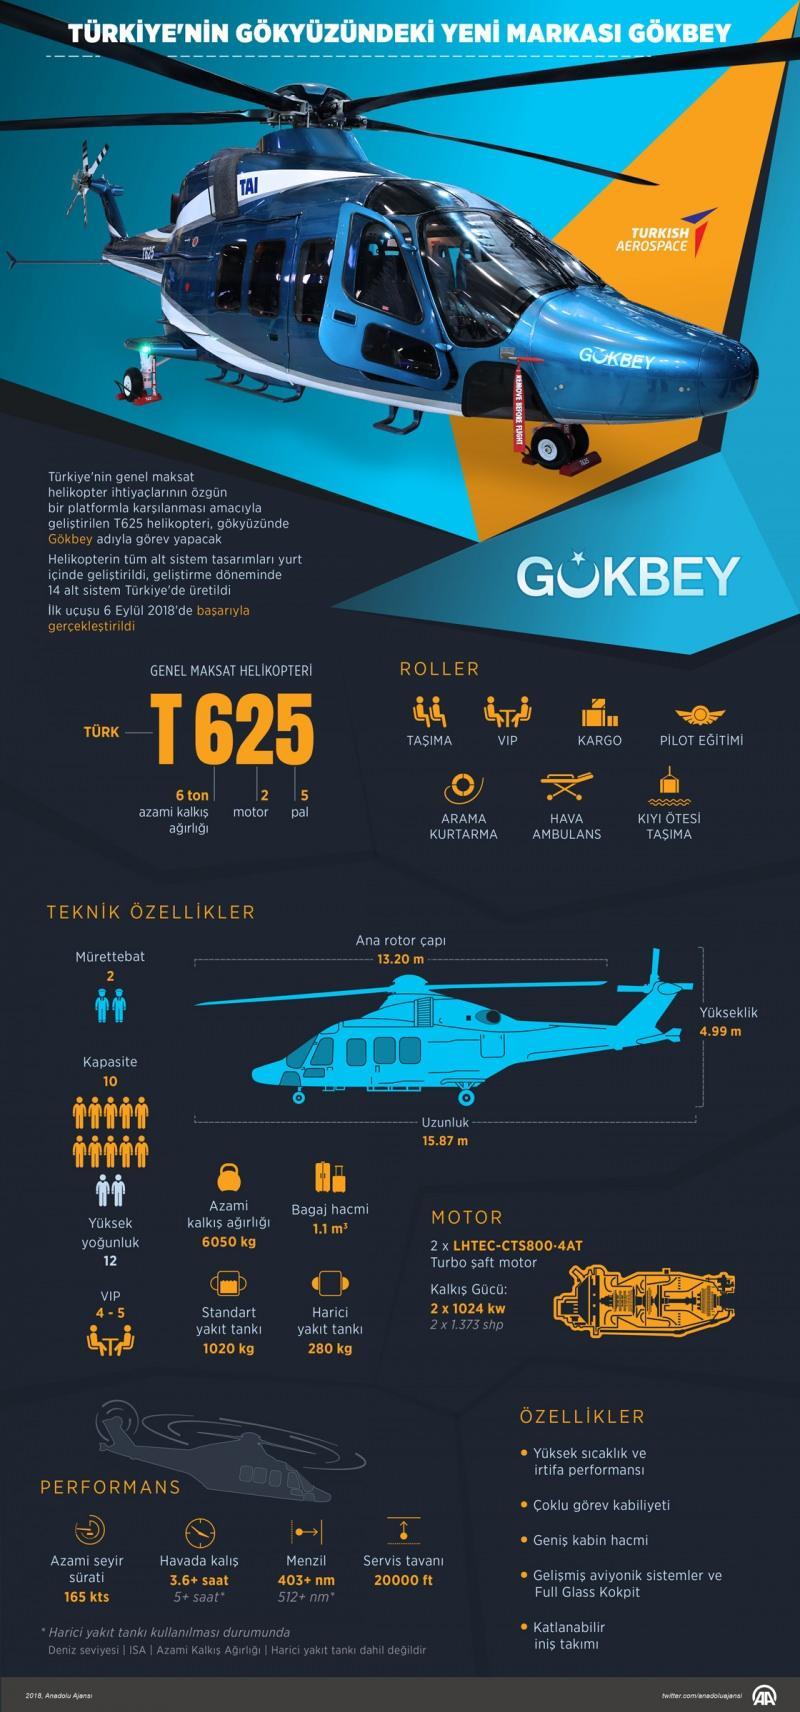 Türkiye yerli ve milli genel maksat helikopteri GÖKBEY